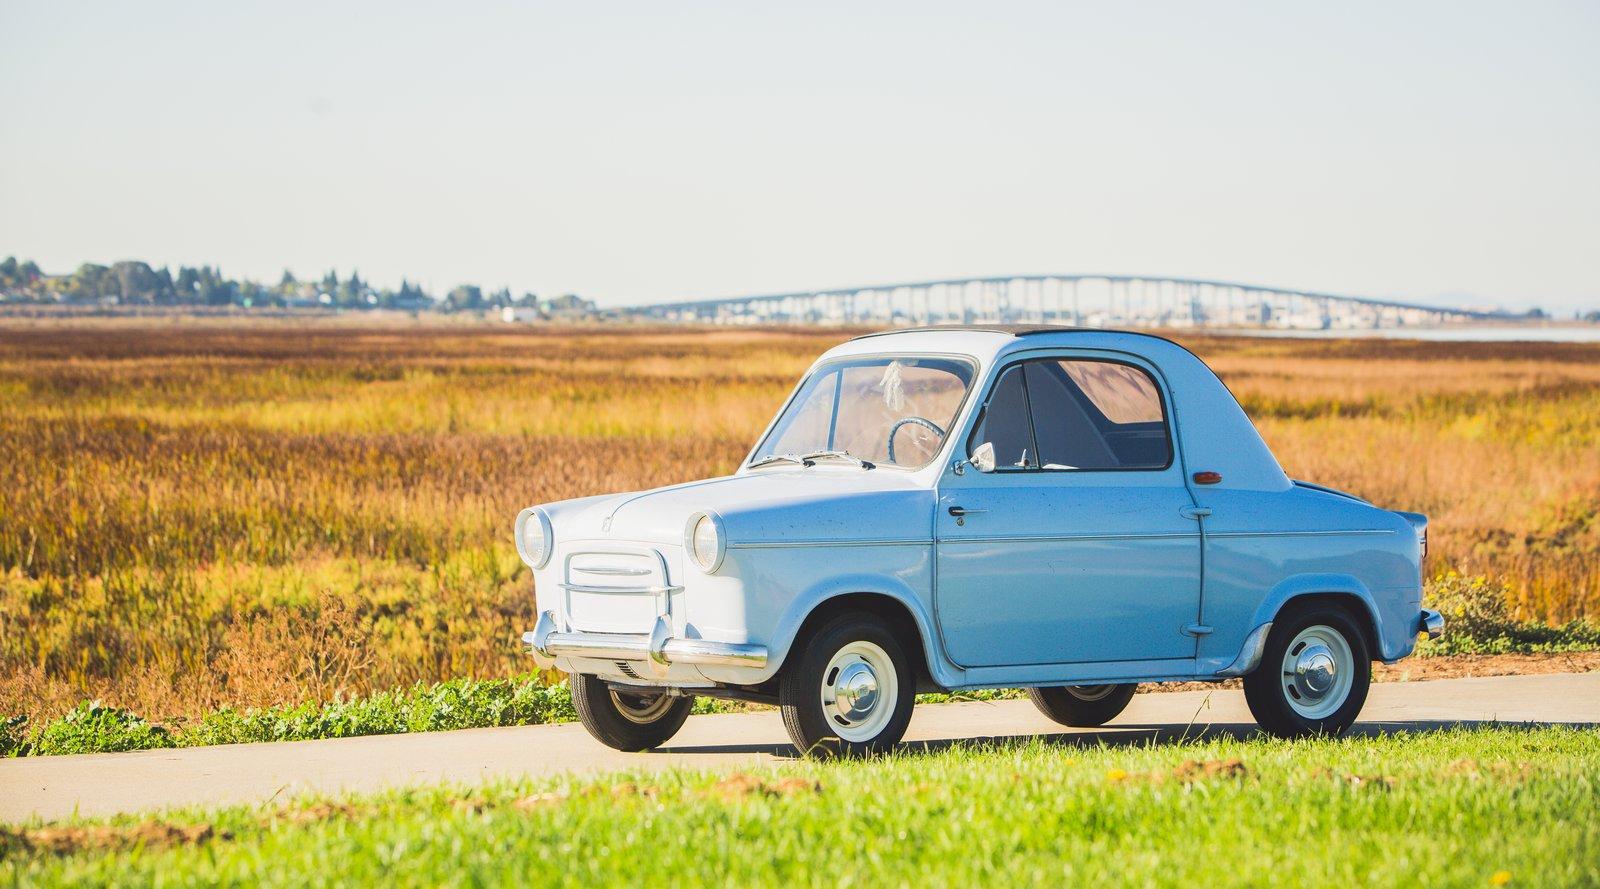 Photo 1 of 1 in 1959 VESPA 400 Micro Car